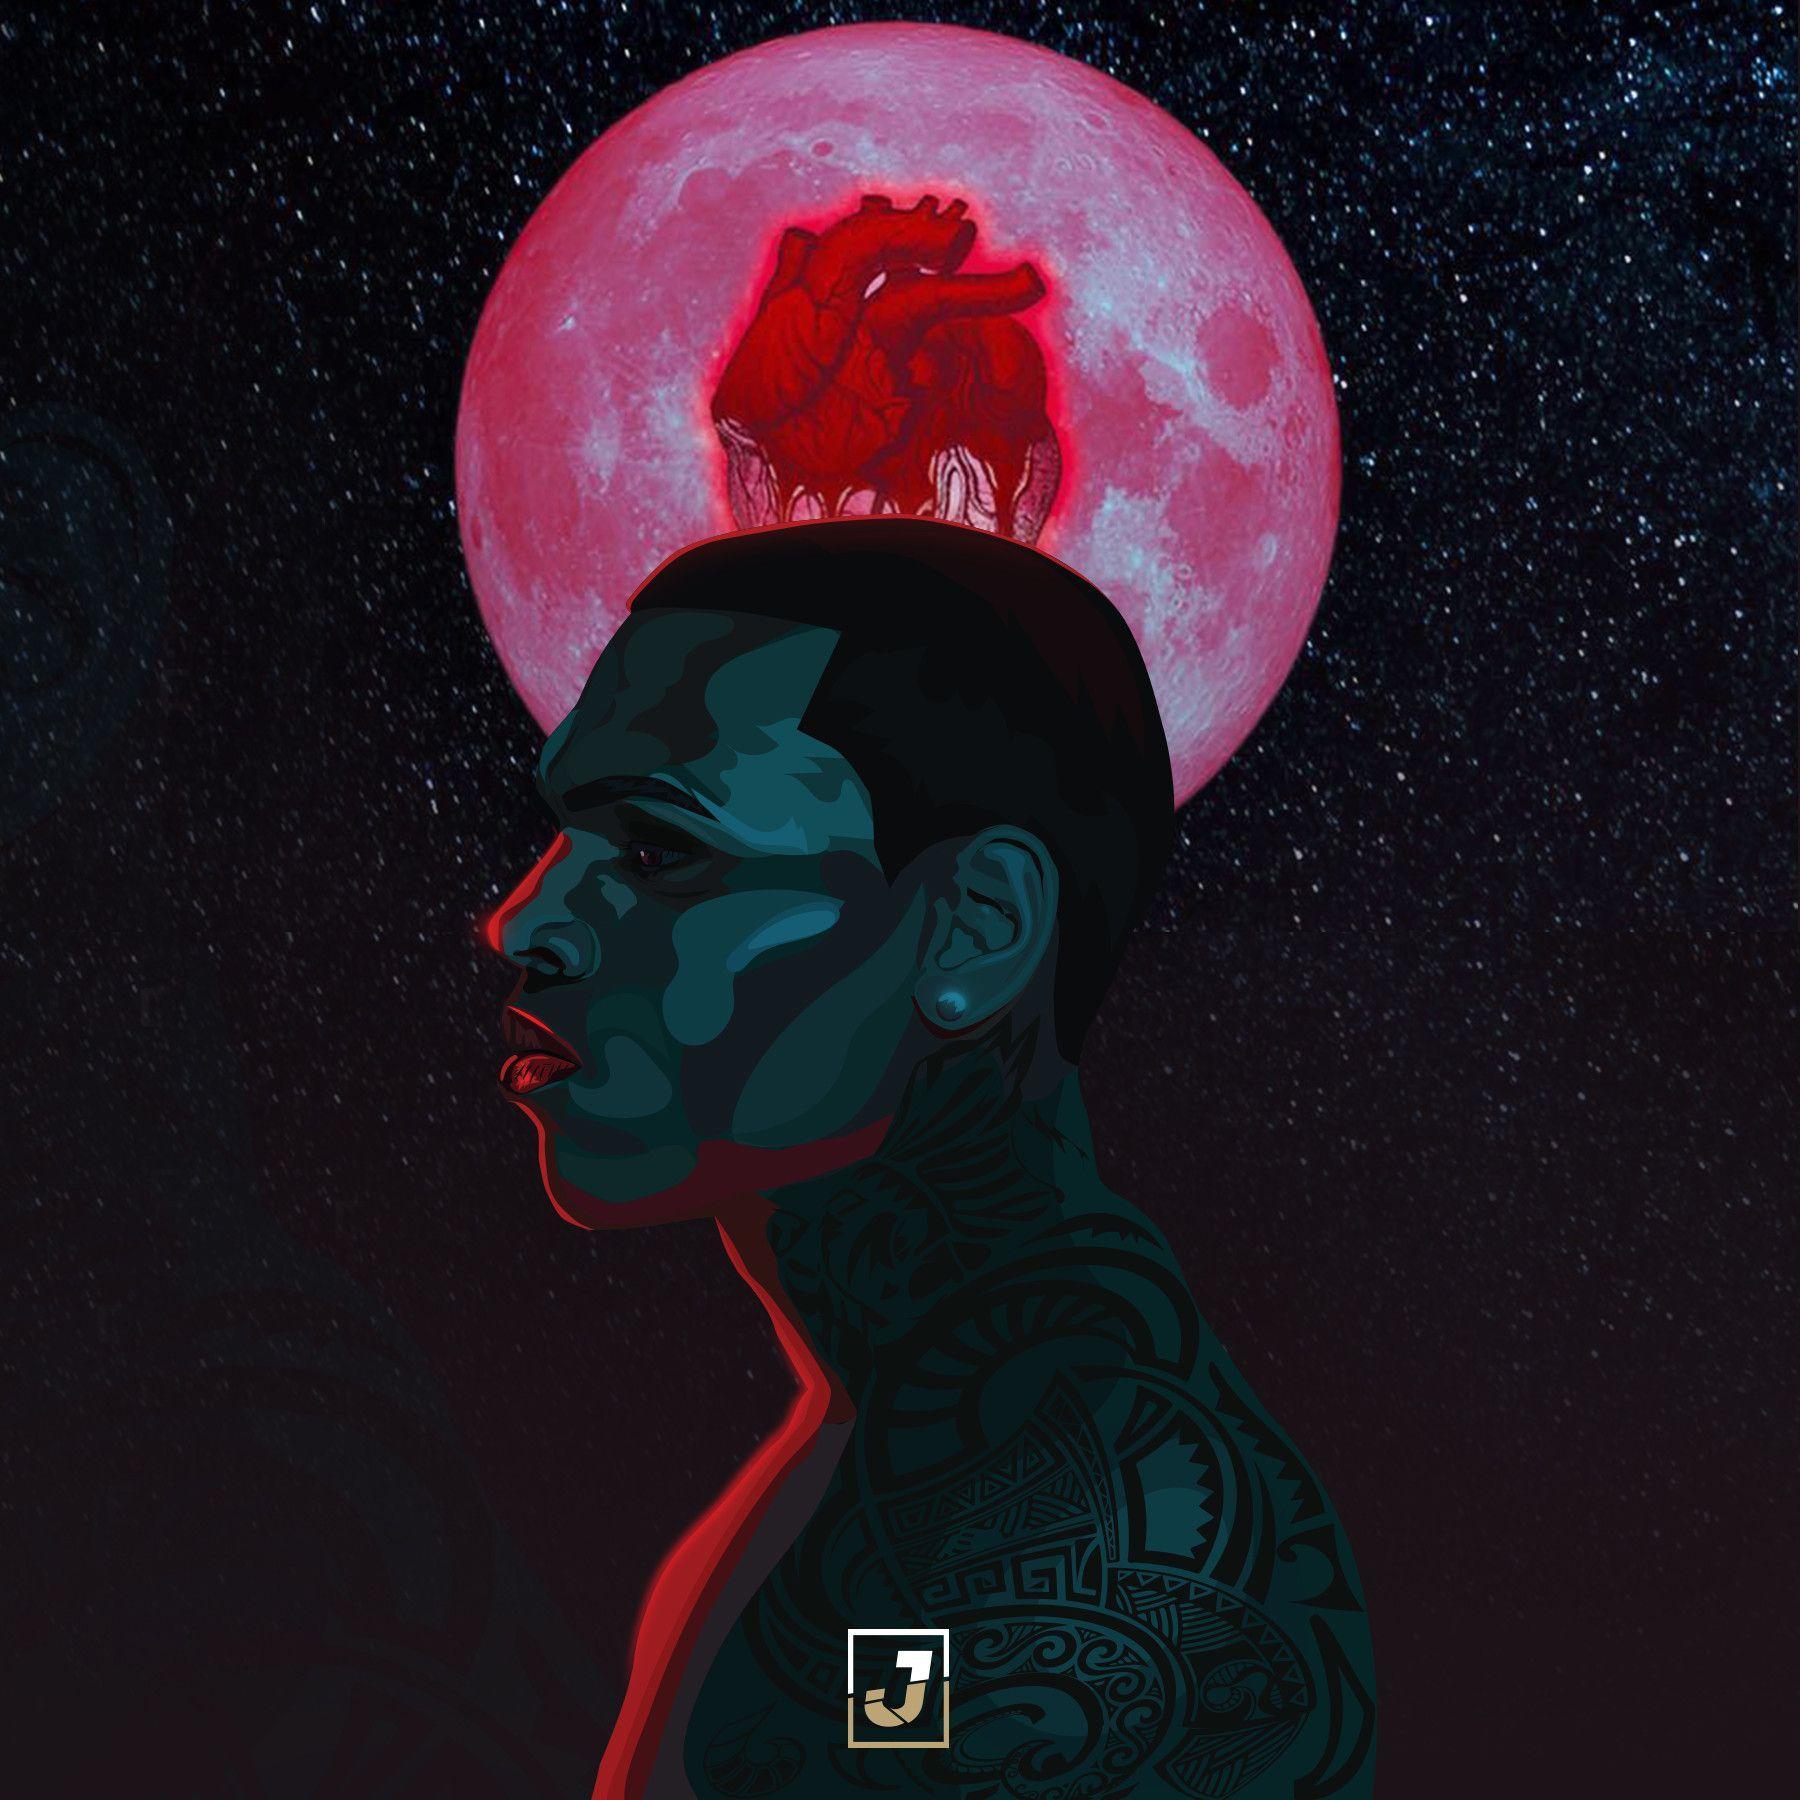 heartbreak on a full moon full album download